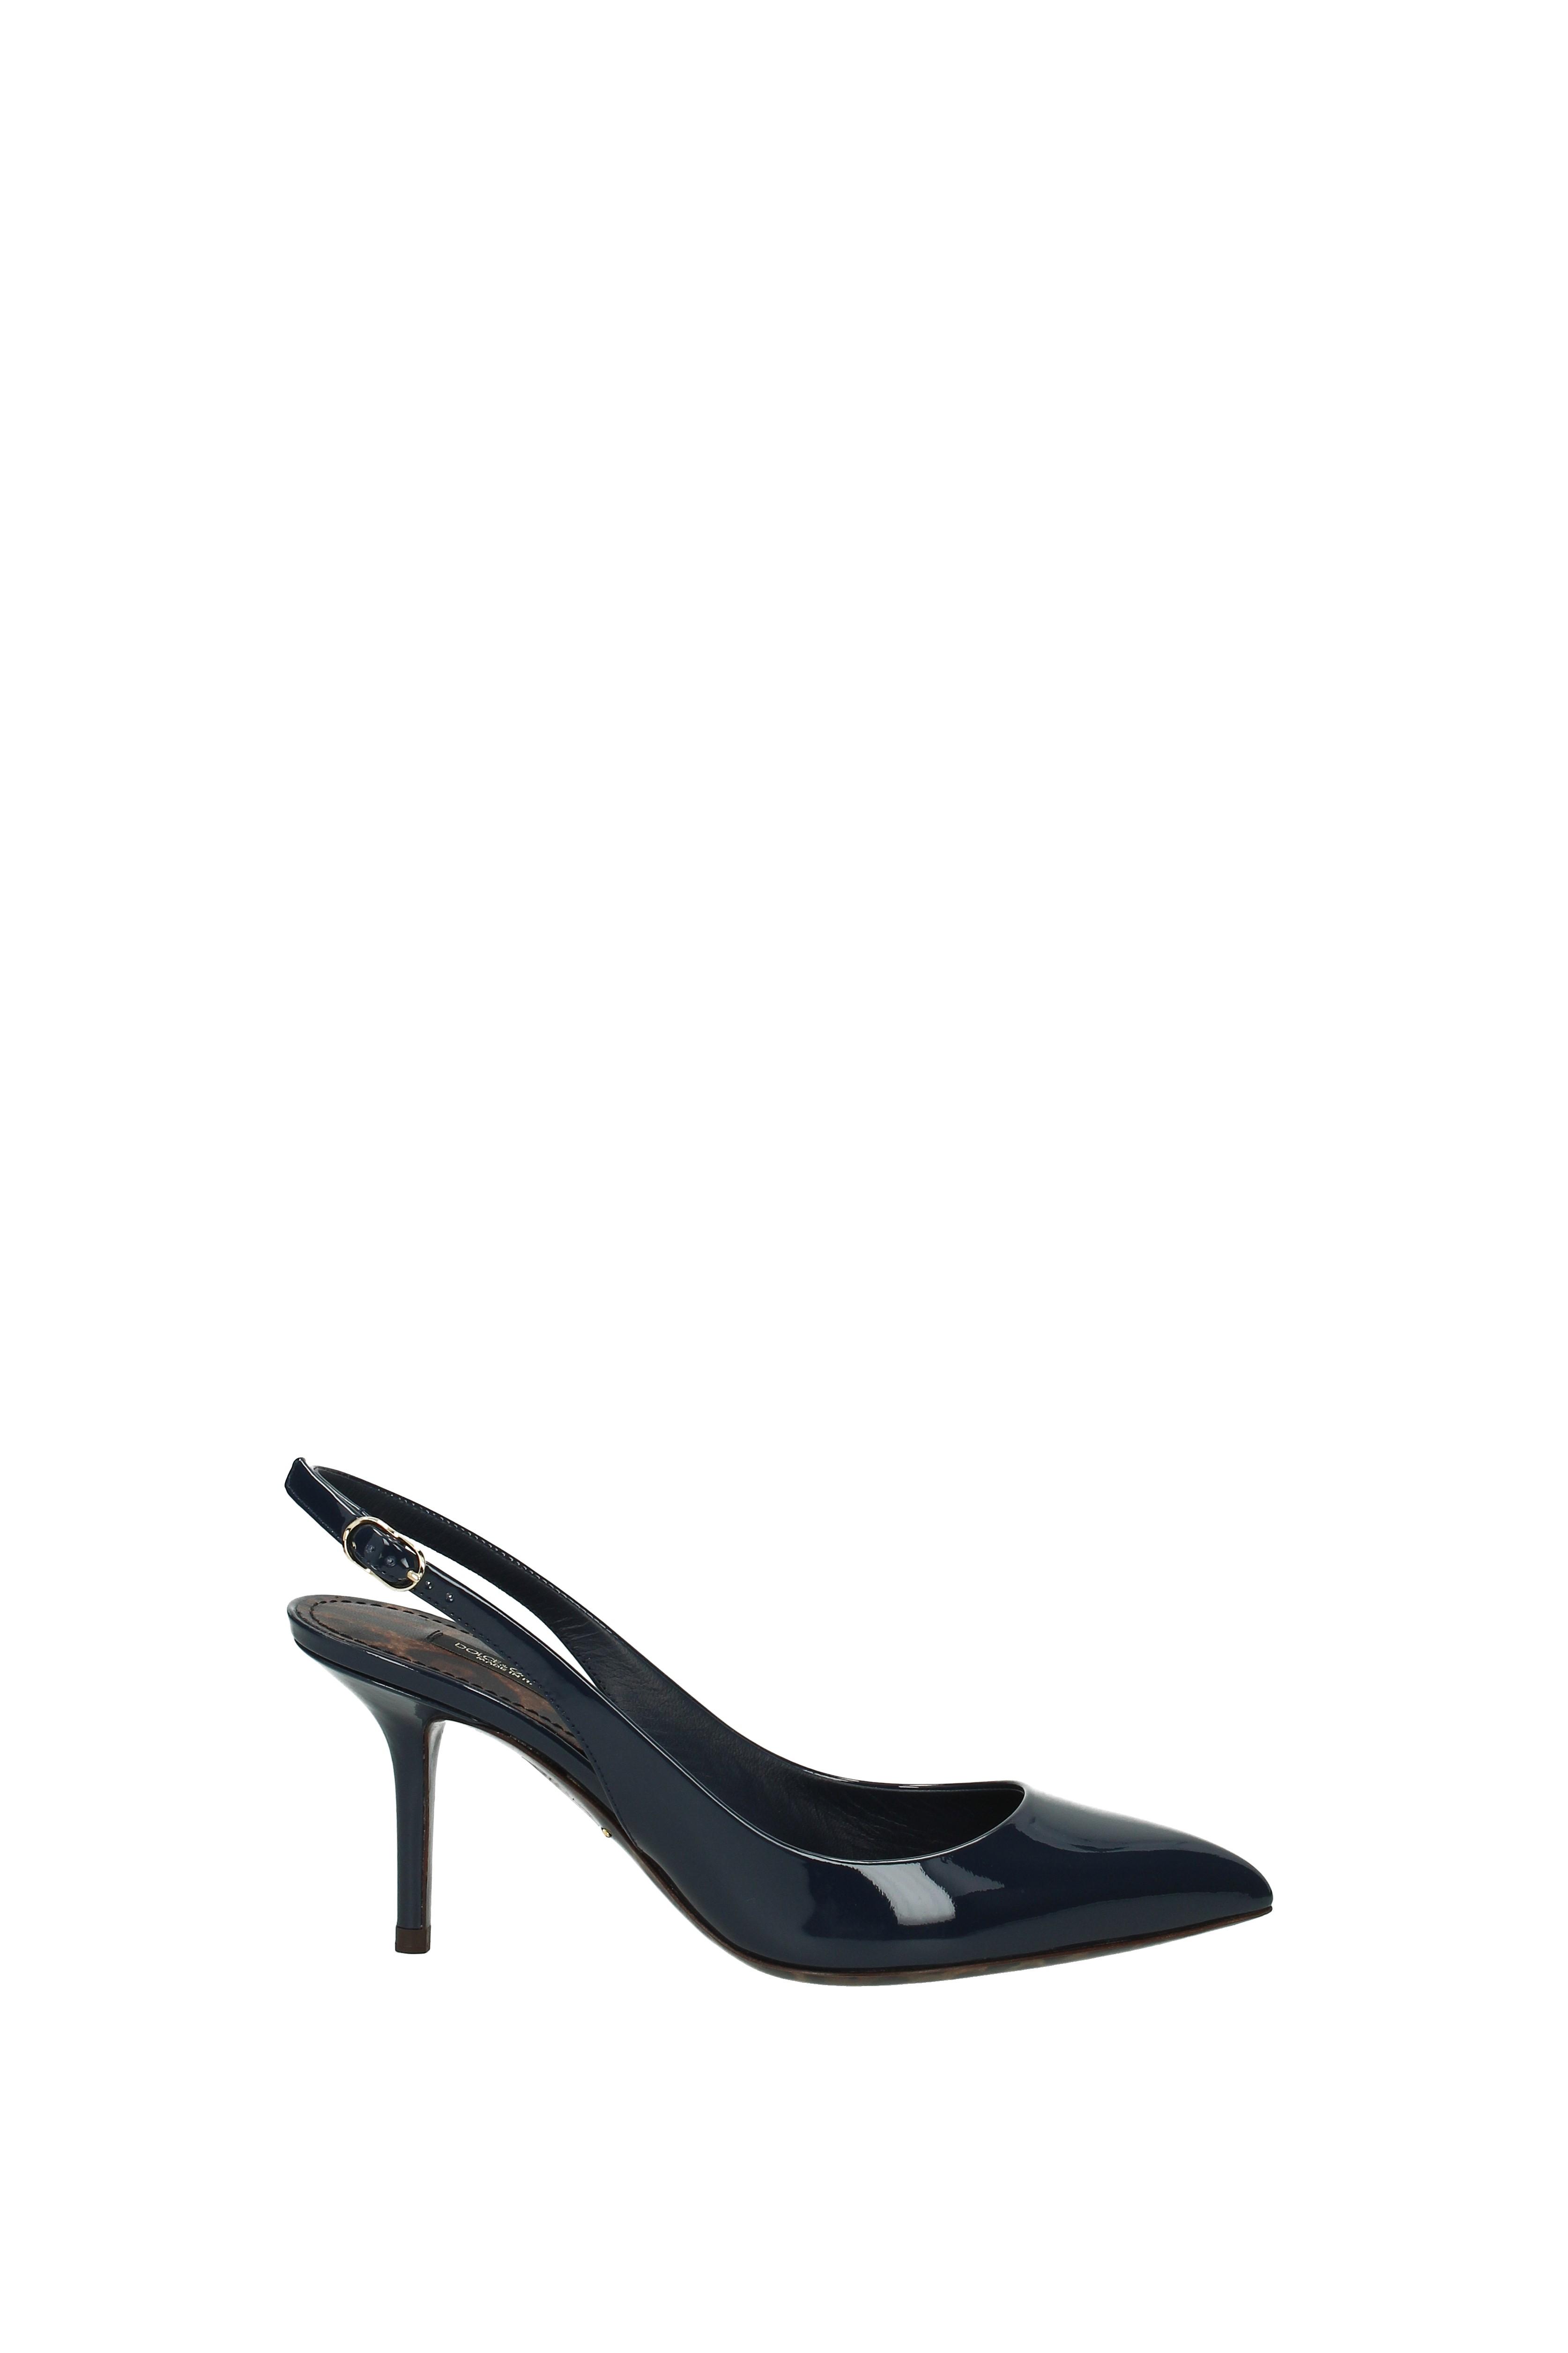 Sandali Dolce&Gabbana Donna Donna Donna - Vernice (CG0182AC062) d54dc2